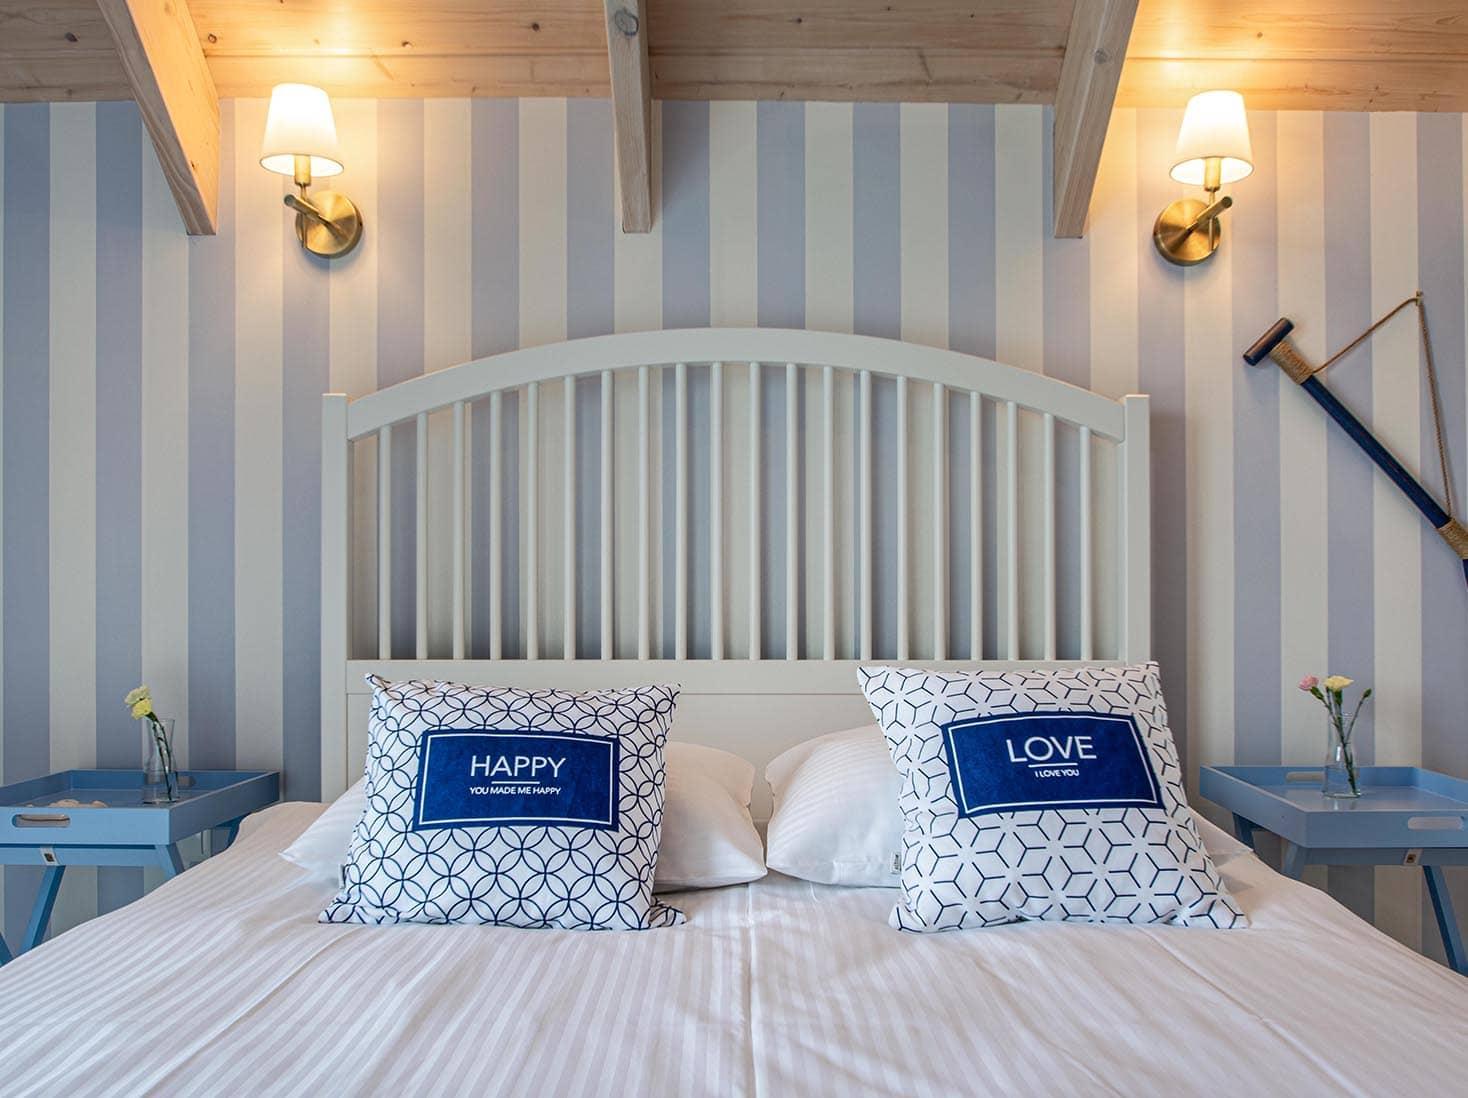 03-Domek nad morzem 5 luksusowy Zatoka Mew dla max 8 osob sypialnia